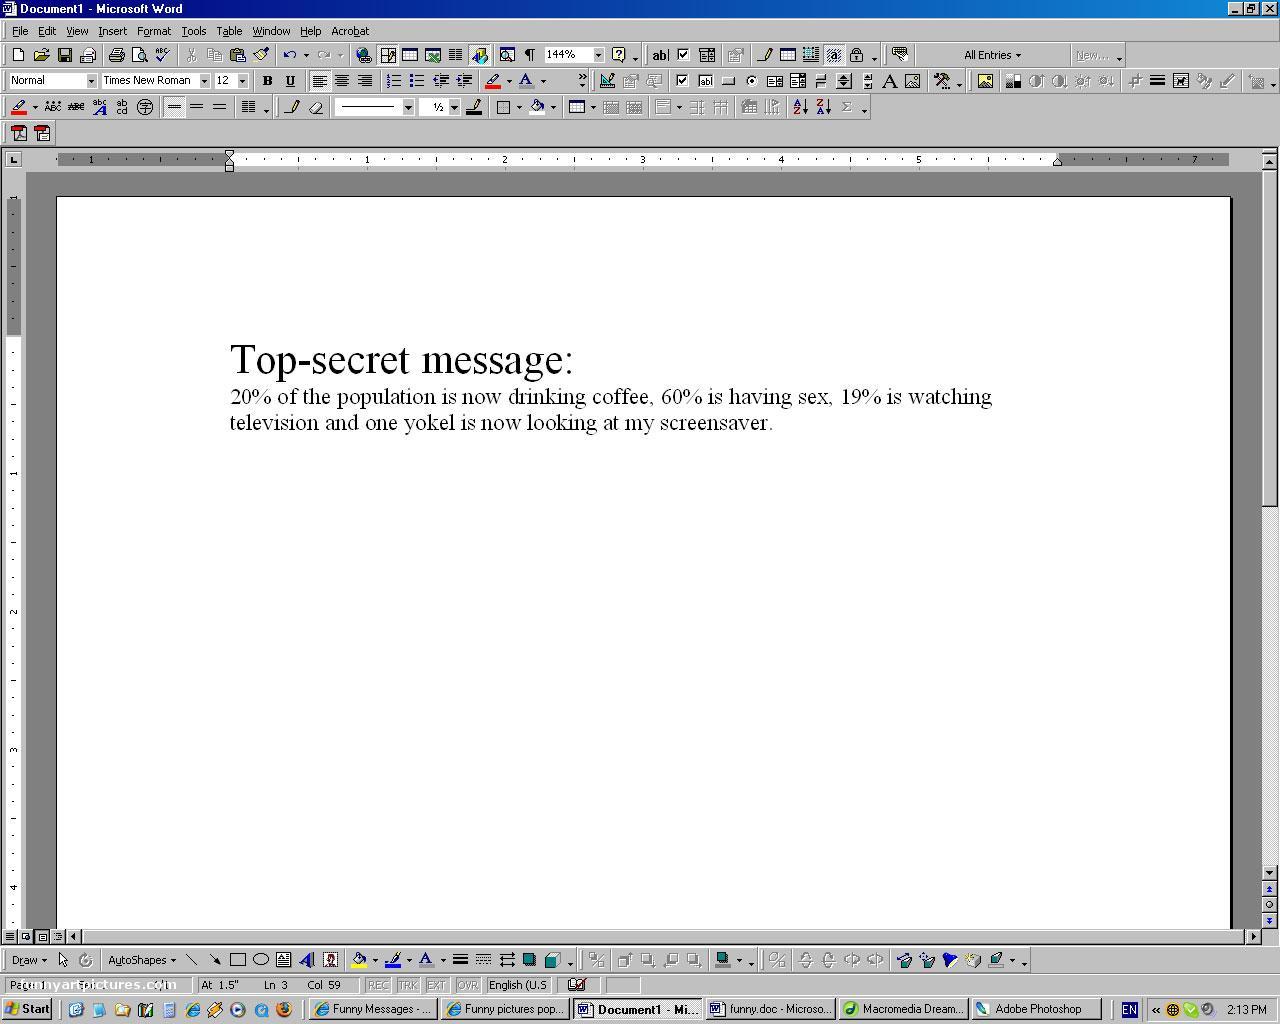 Joke desktop wallpaper Funny Joke desktop wallpaper screensaver 1280x1024